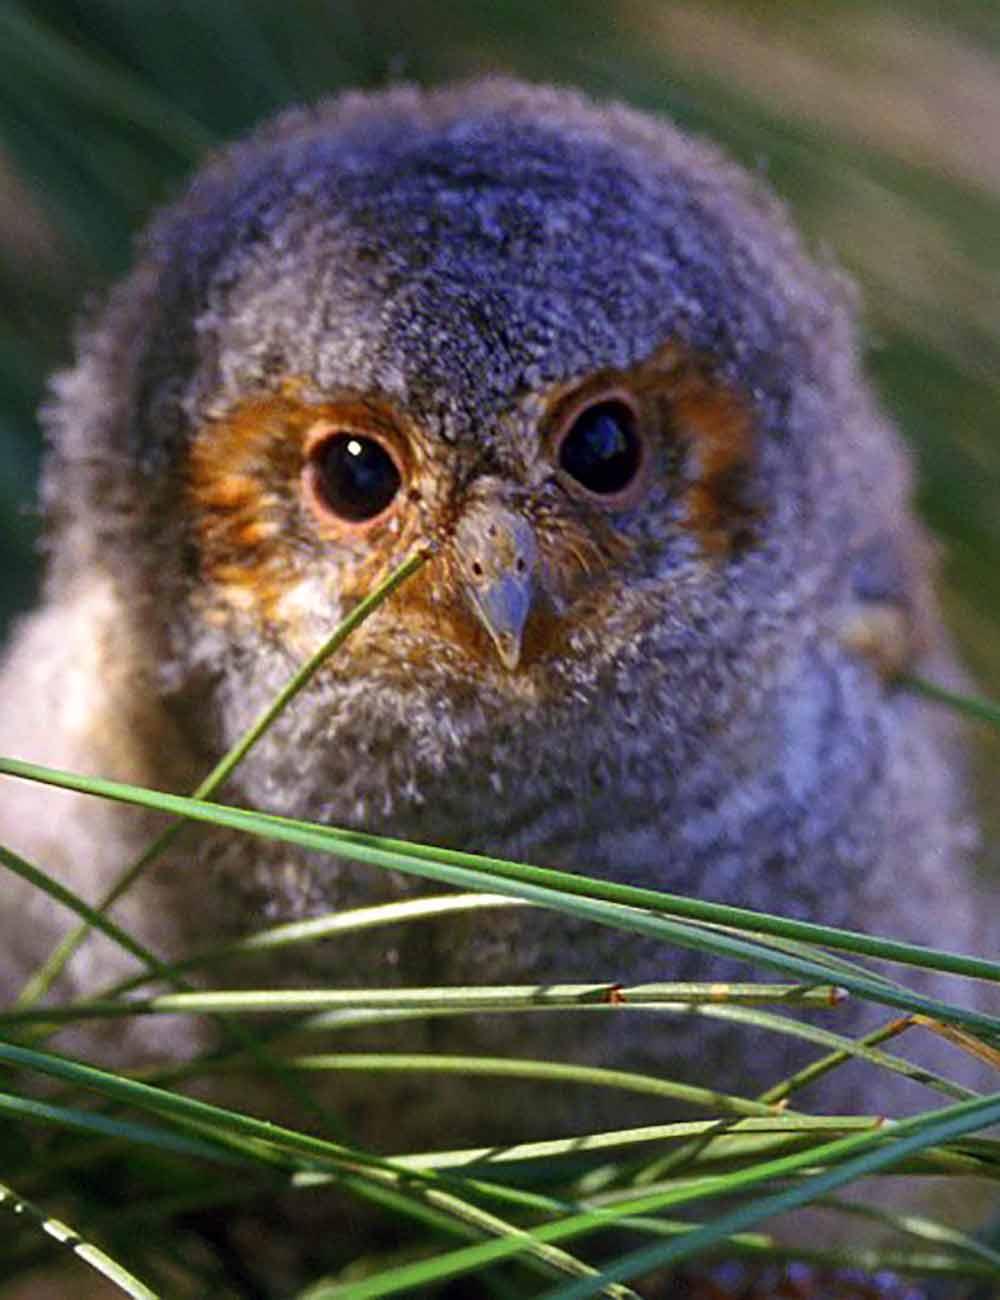 Owl Nestling I Writer Mariecor I WriterMariecor.com